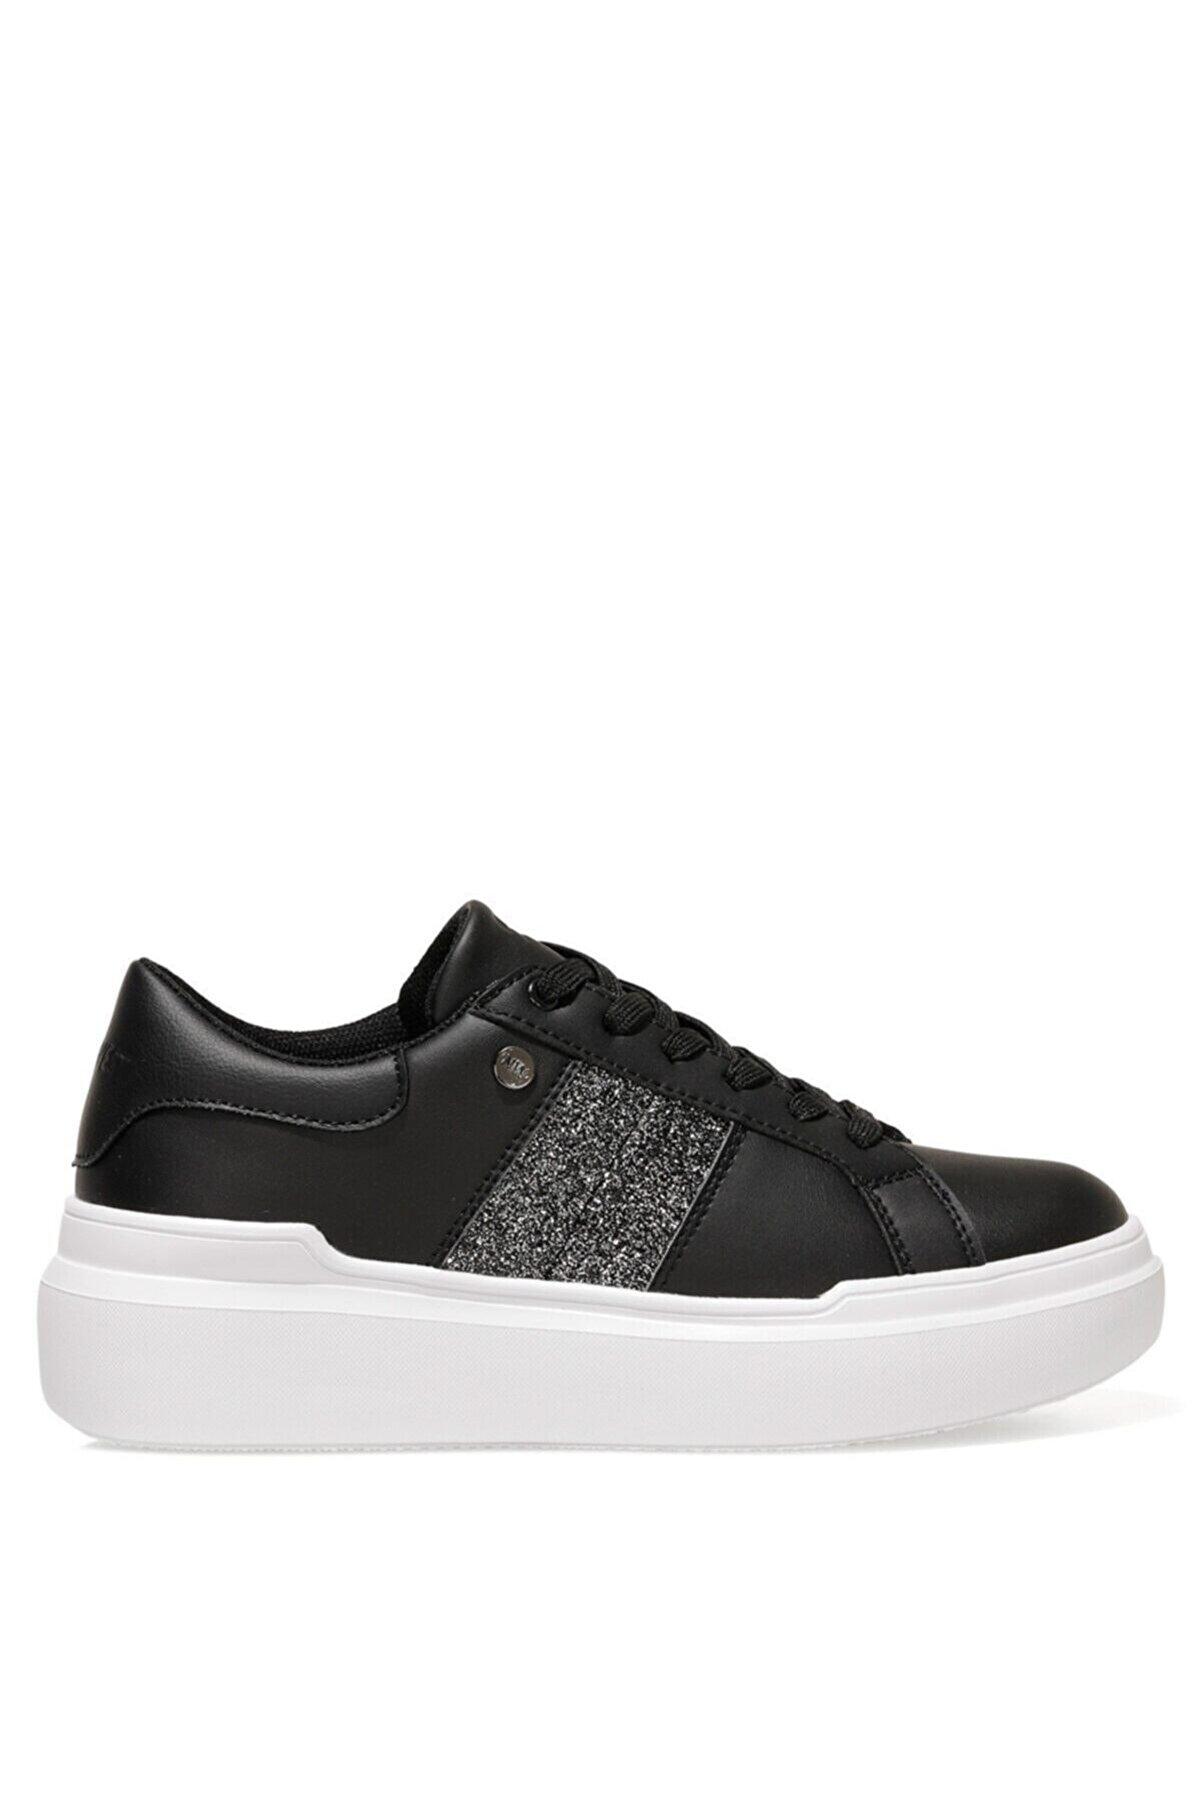 Nine West PRETTY 1FX Siyah Kadın Sneaker Ayakkabı 101015507